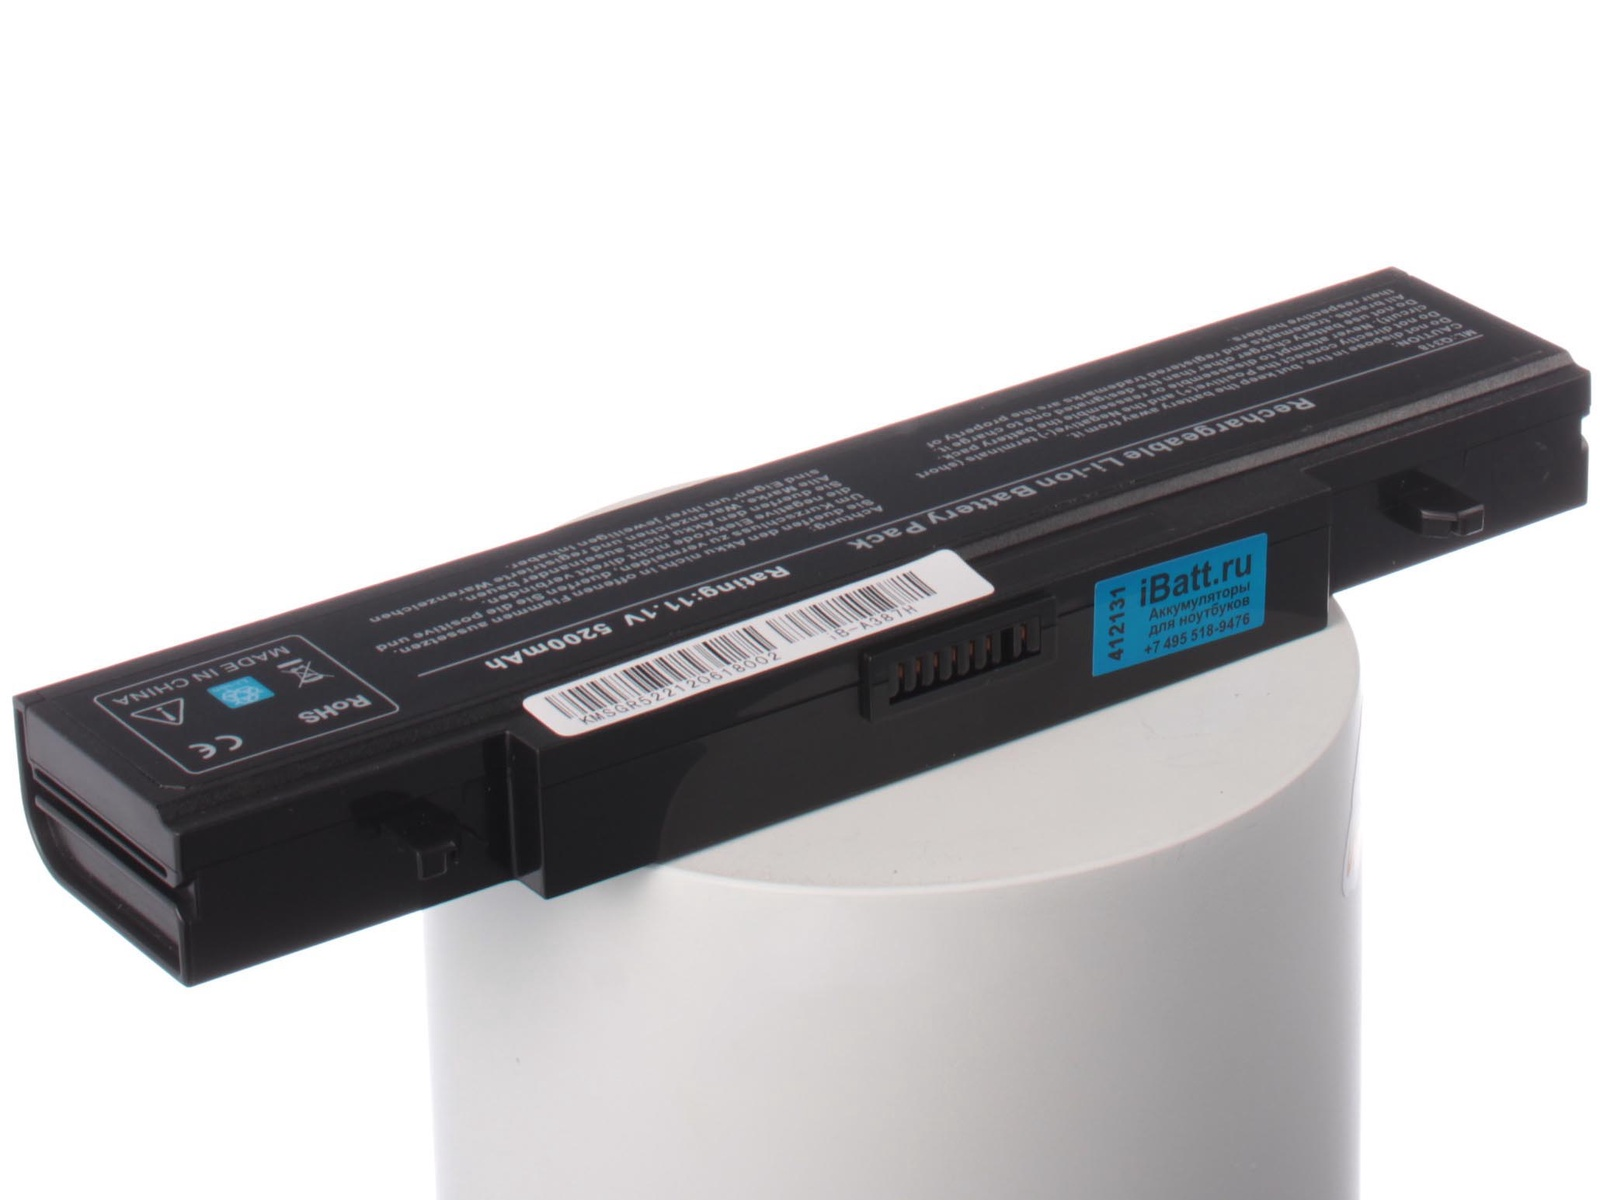 Аккумулятор для ноутбука iBatt для Samsung 305V5A-T08, 350E7C-A02, R528-DS01, 300V5A-S0U, NP-R620, R525-JS02RU, R425-JT01, R428-DA02, 300E5A-S09, ATIV Book 2 270E5E, R429, 300E5A-A04, 300E5C-A03, 355V5C-S0N, 300E5C-U03, 350V4C аккумулятор для ноутбука ibatt для samsung 355e5x rv518 rv720 350e7c 355e5c 305e7a np r590 350v5x ativ book 2 np r440l np r522 np r469 q530 q430 r423 200a5b 305v5a s0k 355v5x 355e5x a01 300e7z s02 200a4b